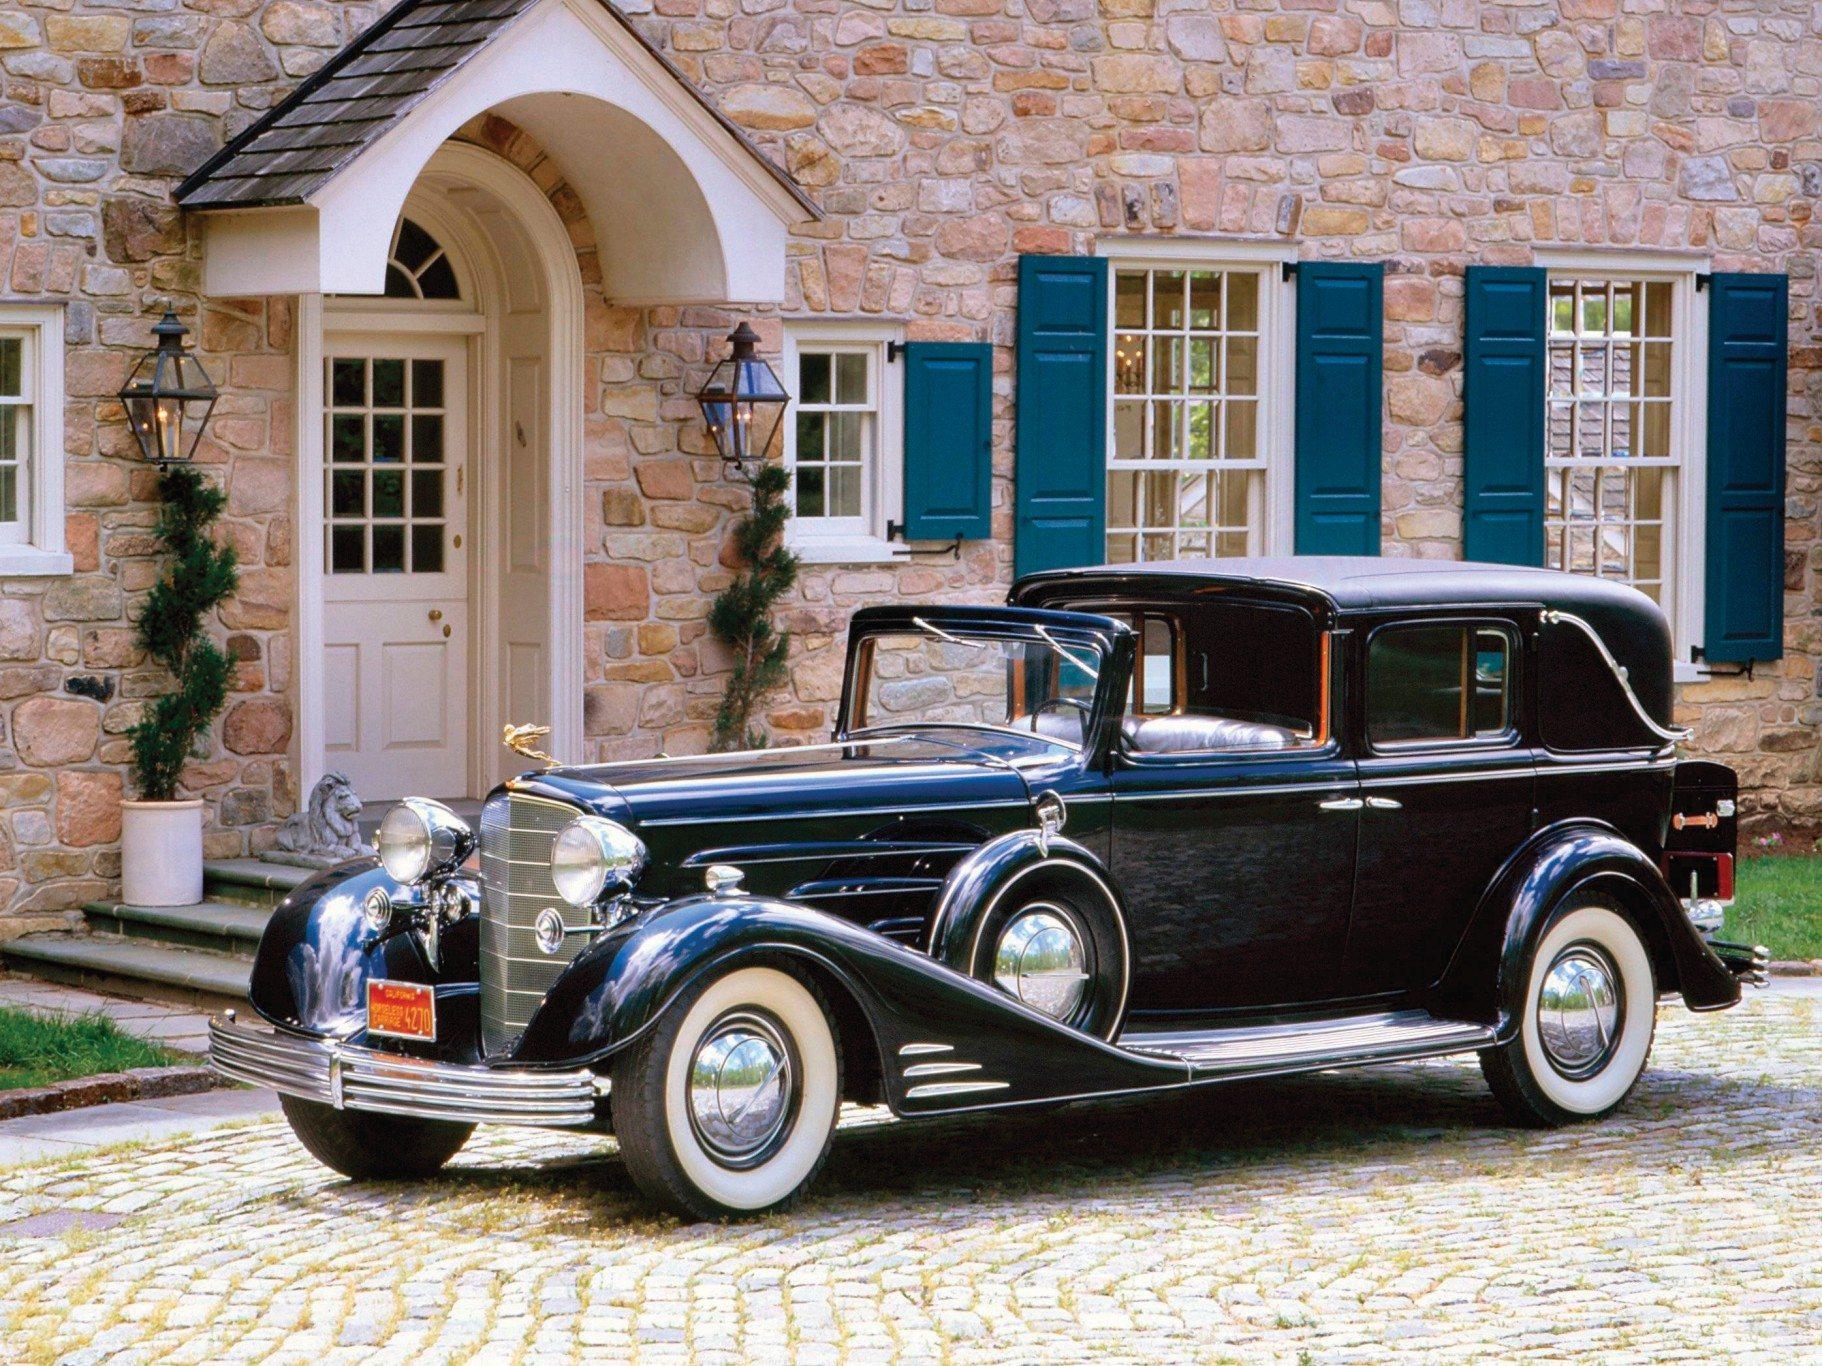 V16 Cadillac for Film Star Joan Crawford